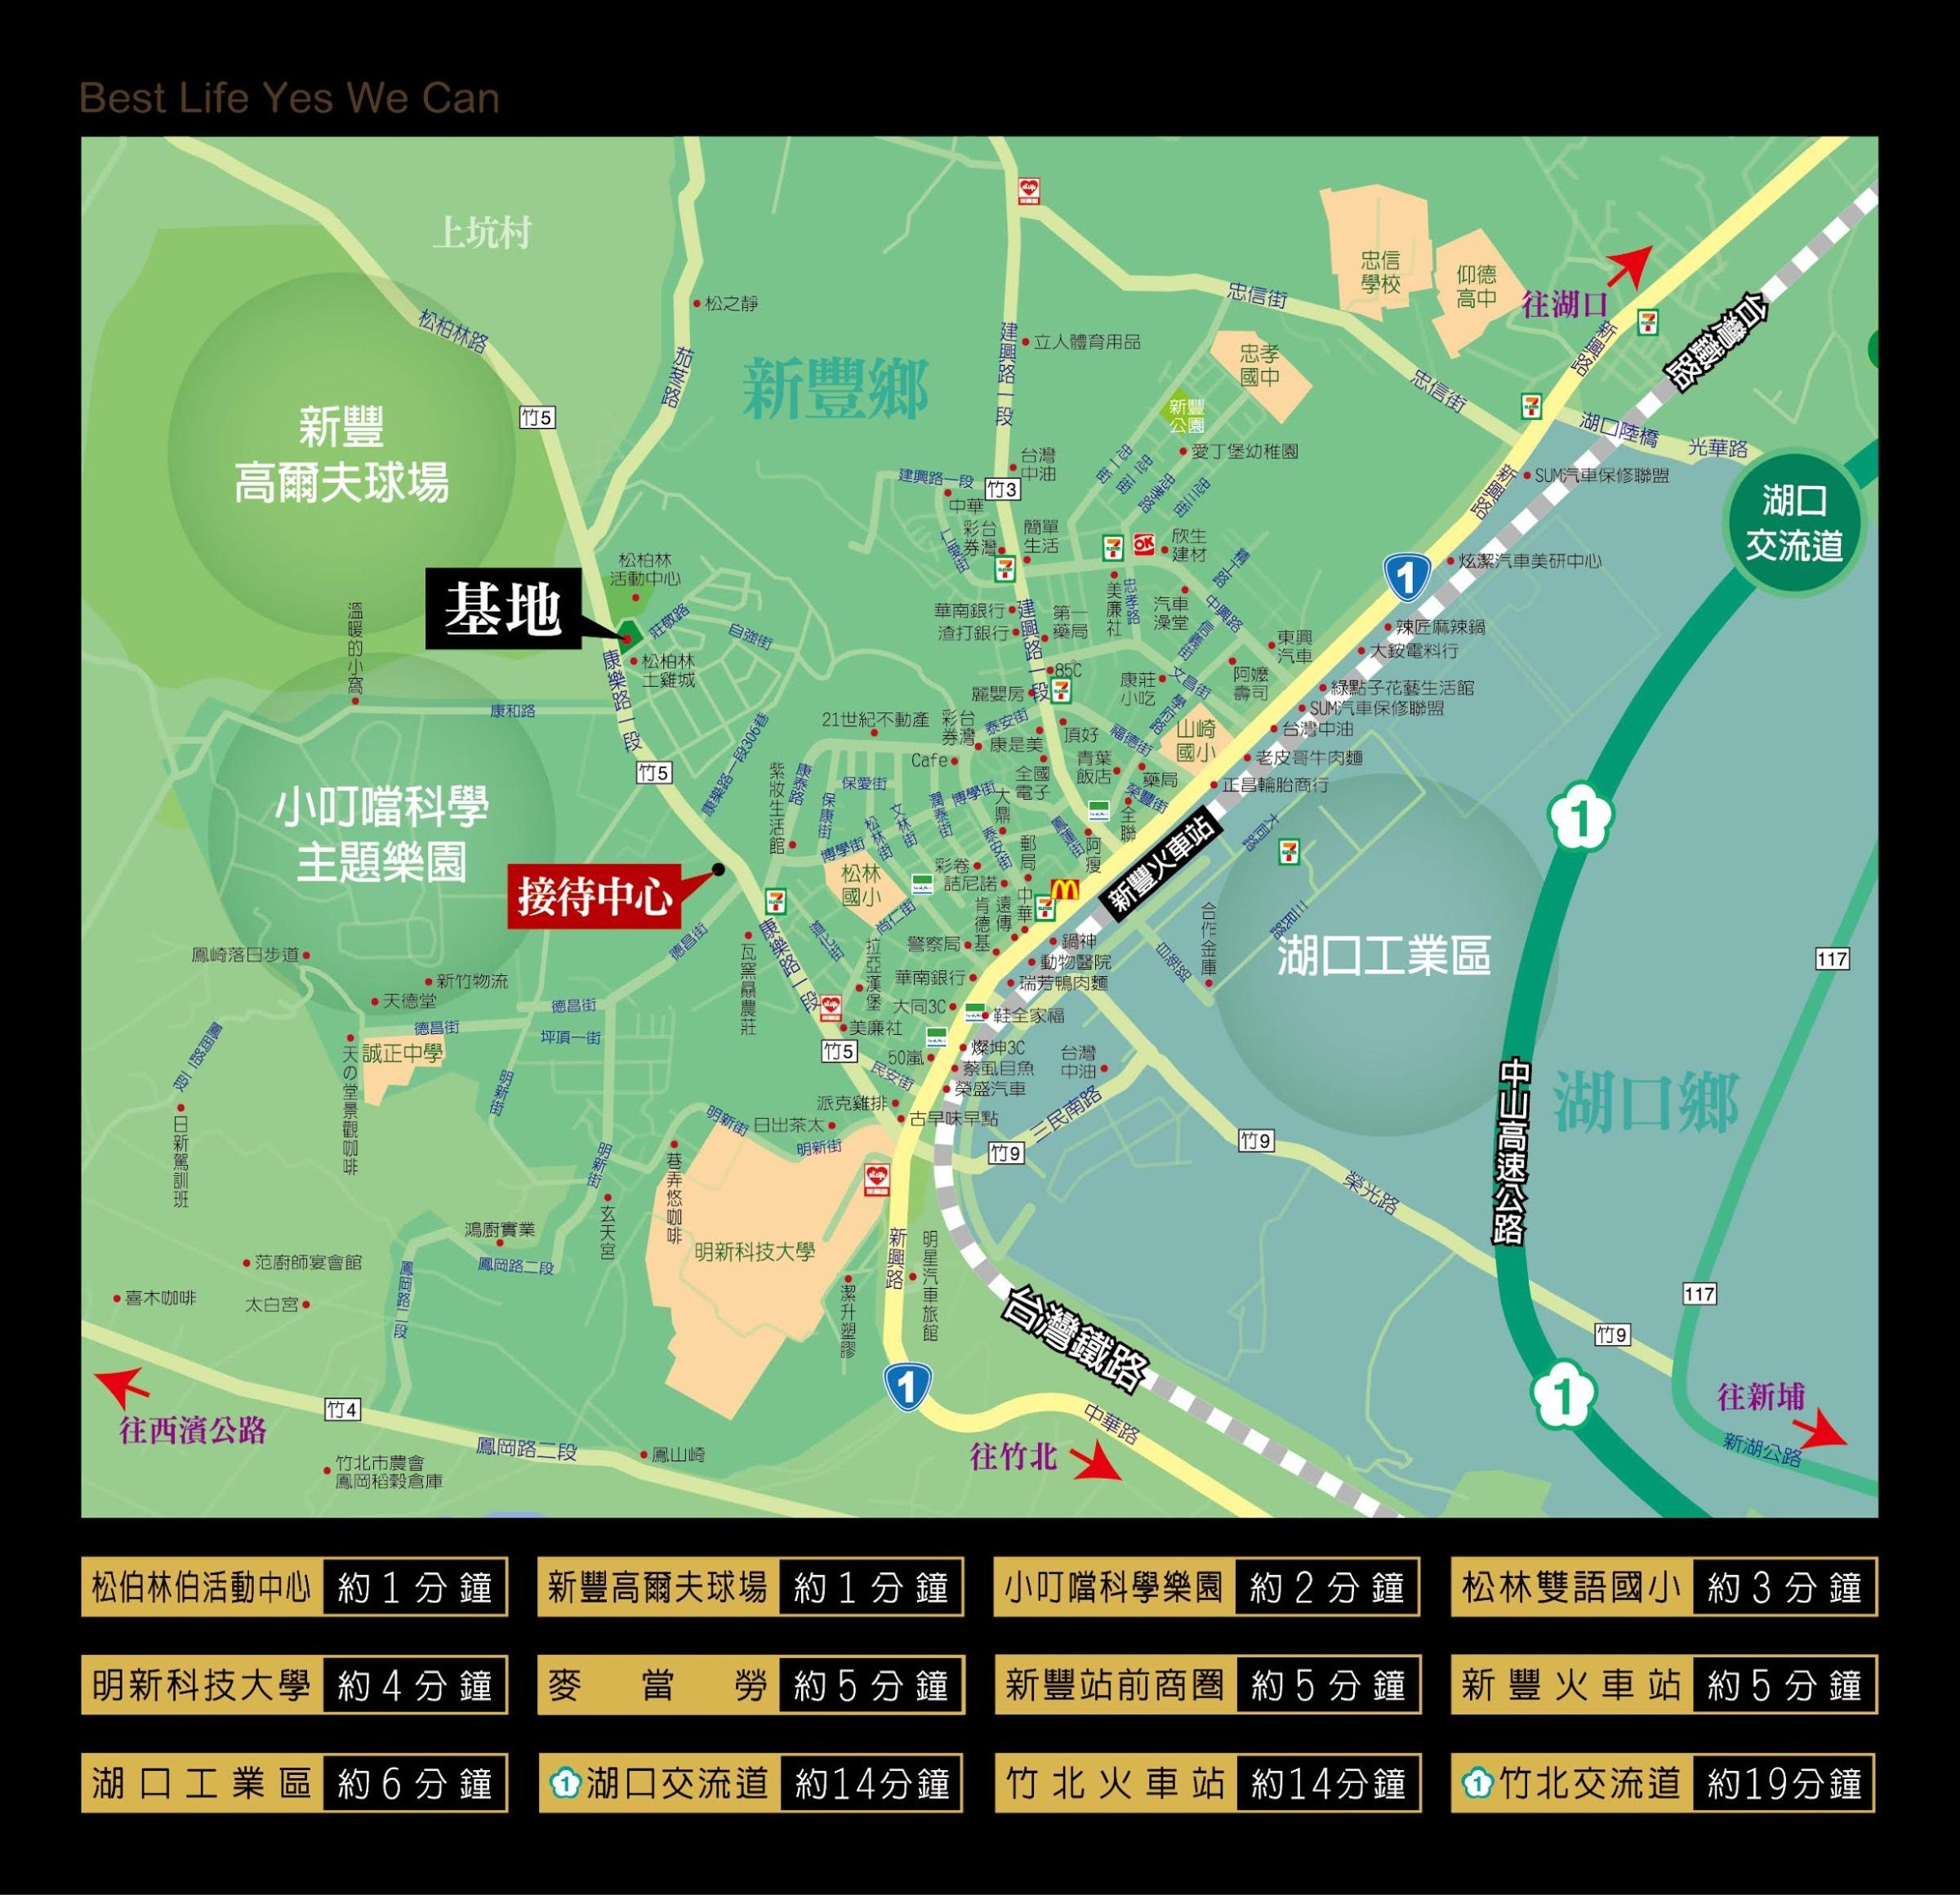 [新豐福陽] 寶福聚建設-新豐1號(大樓)2015-07-24 002.jpg